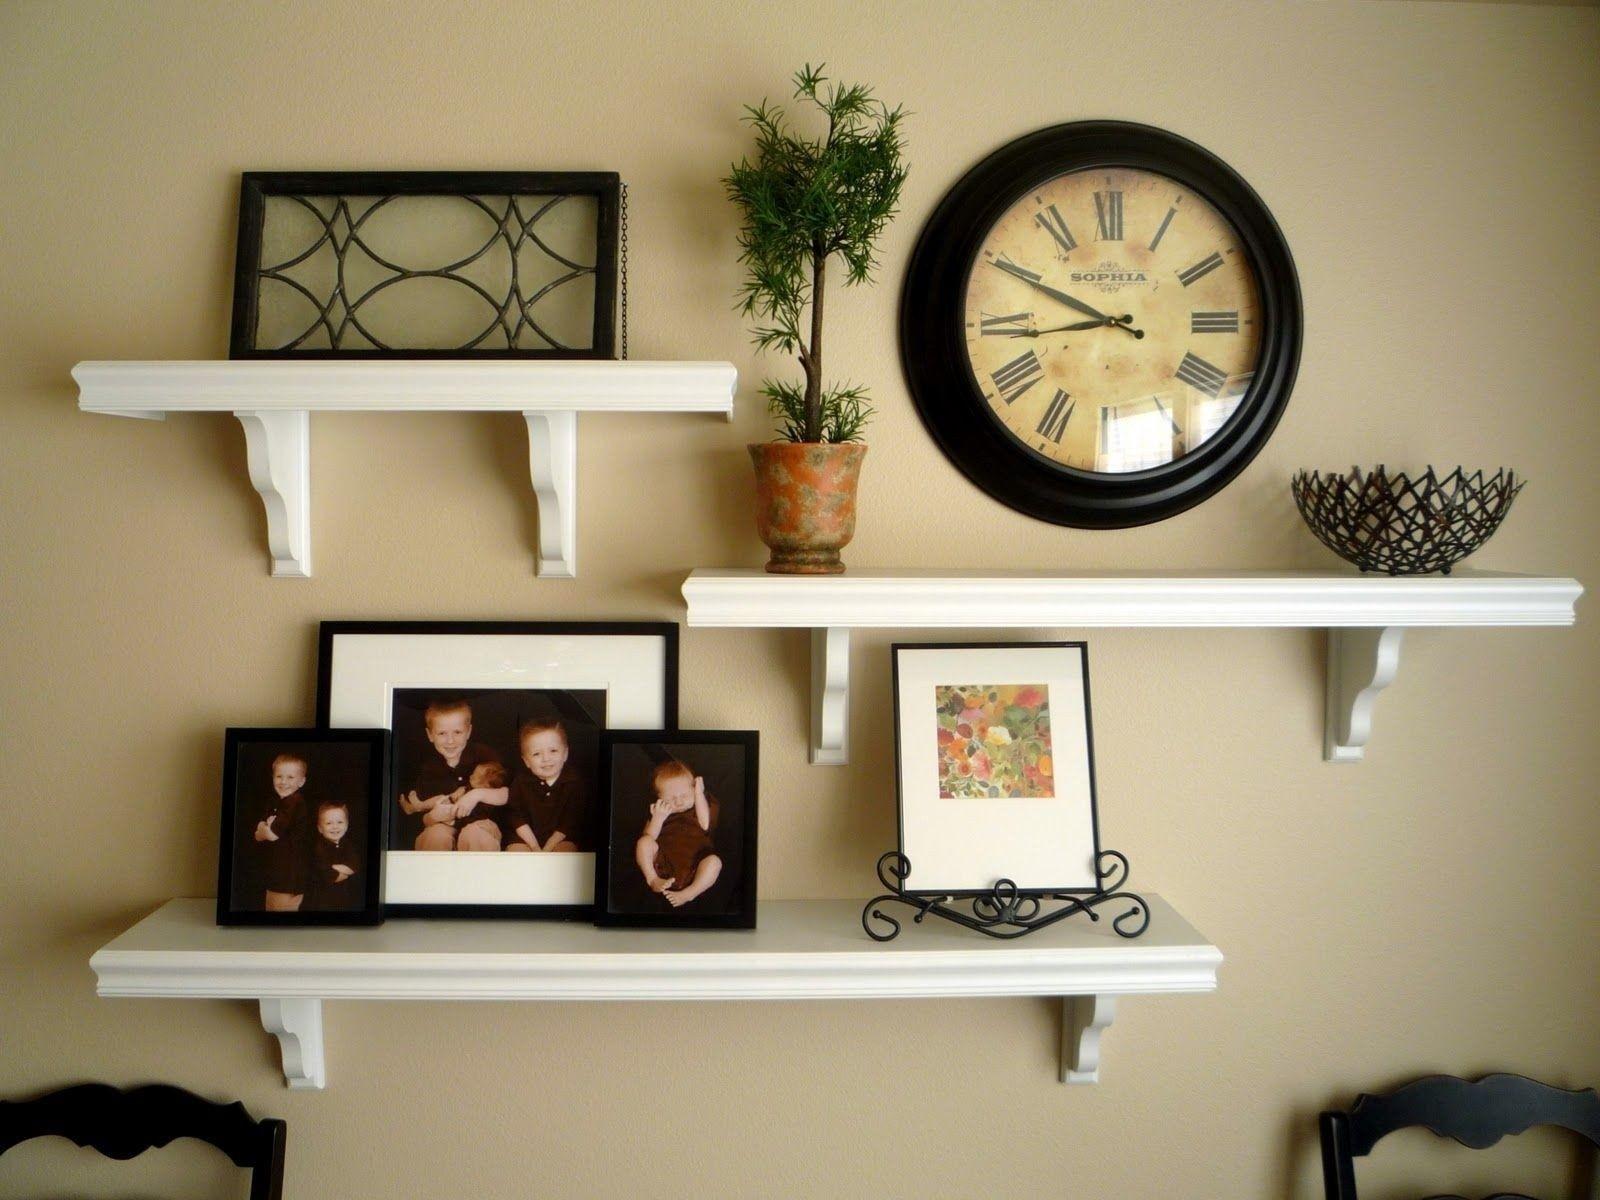 Modern Shelving Ideas For Living Room Walls Design